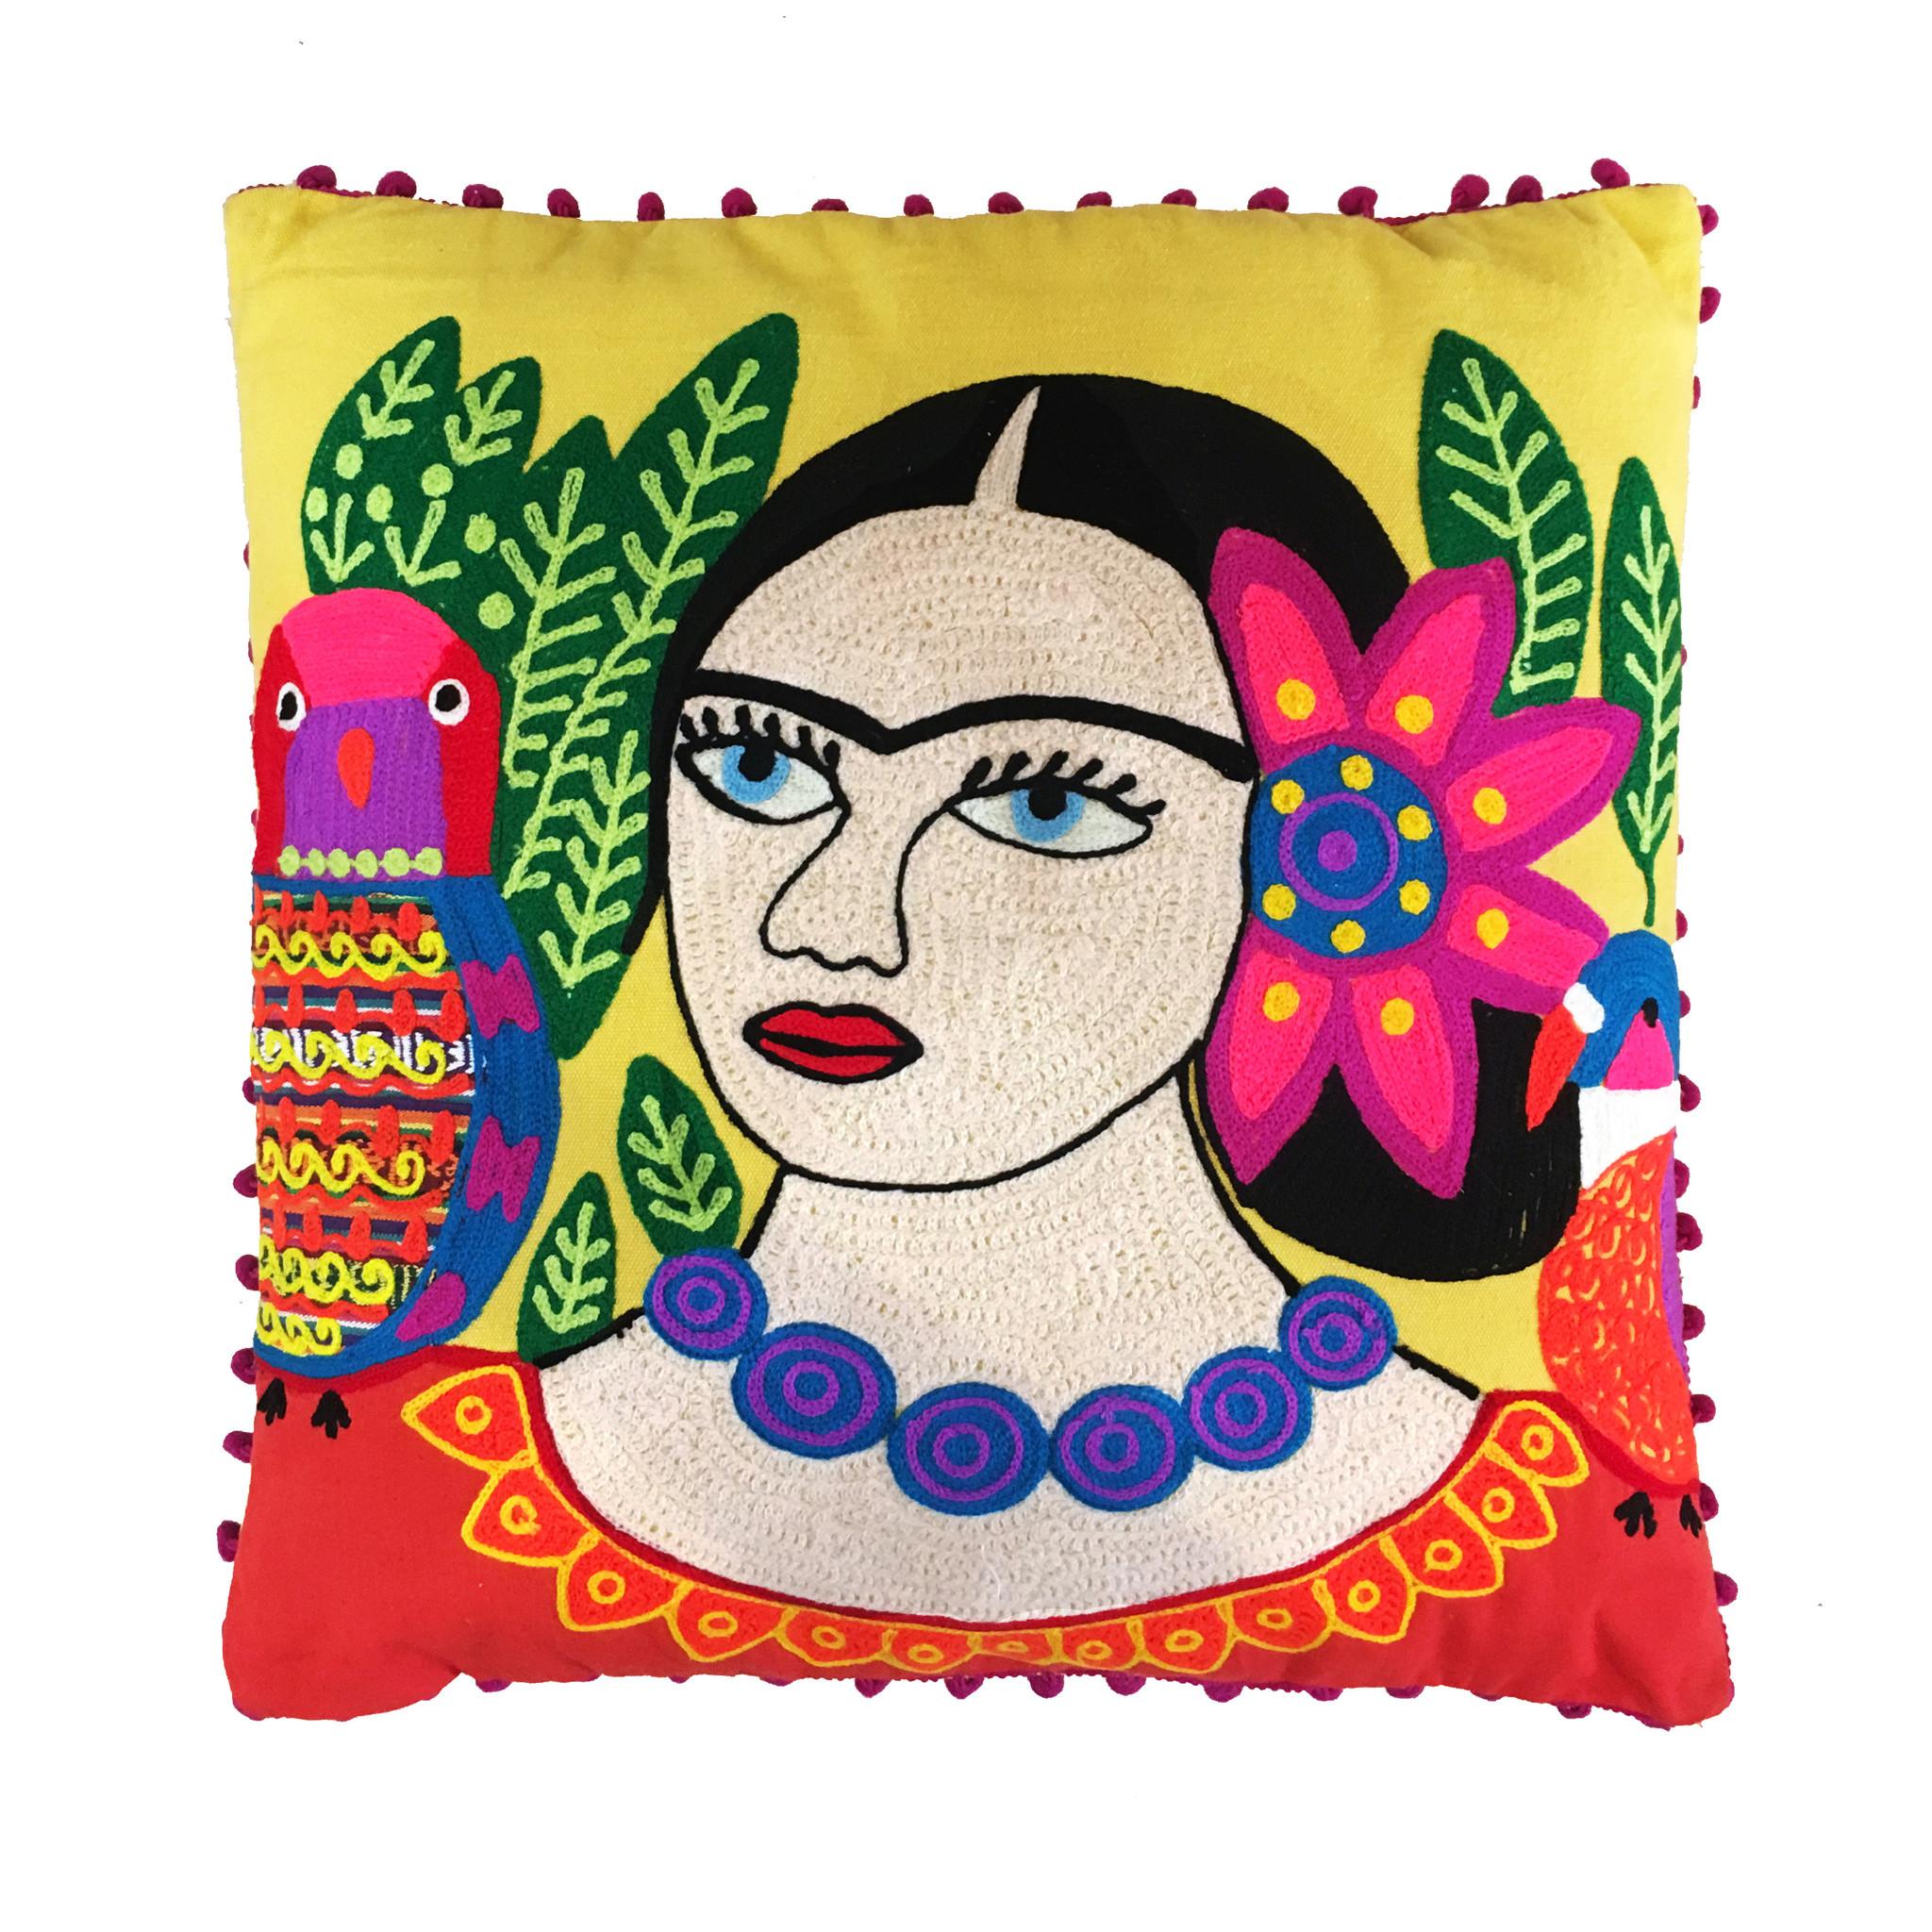 Yellow cushion with Frida Kahlo